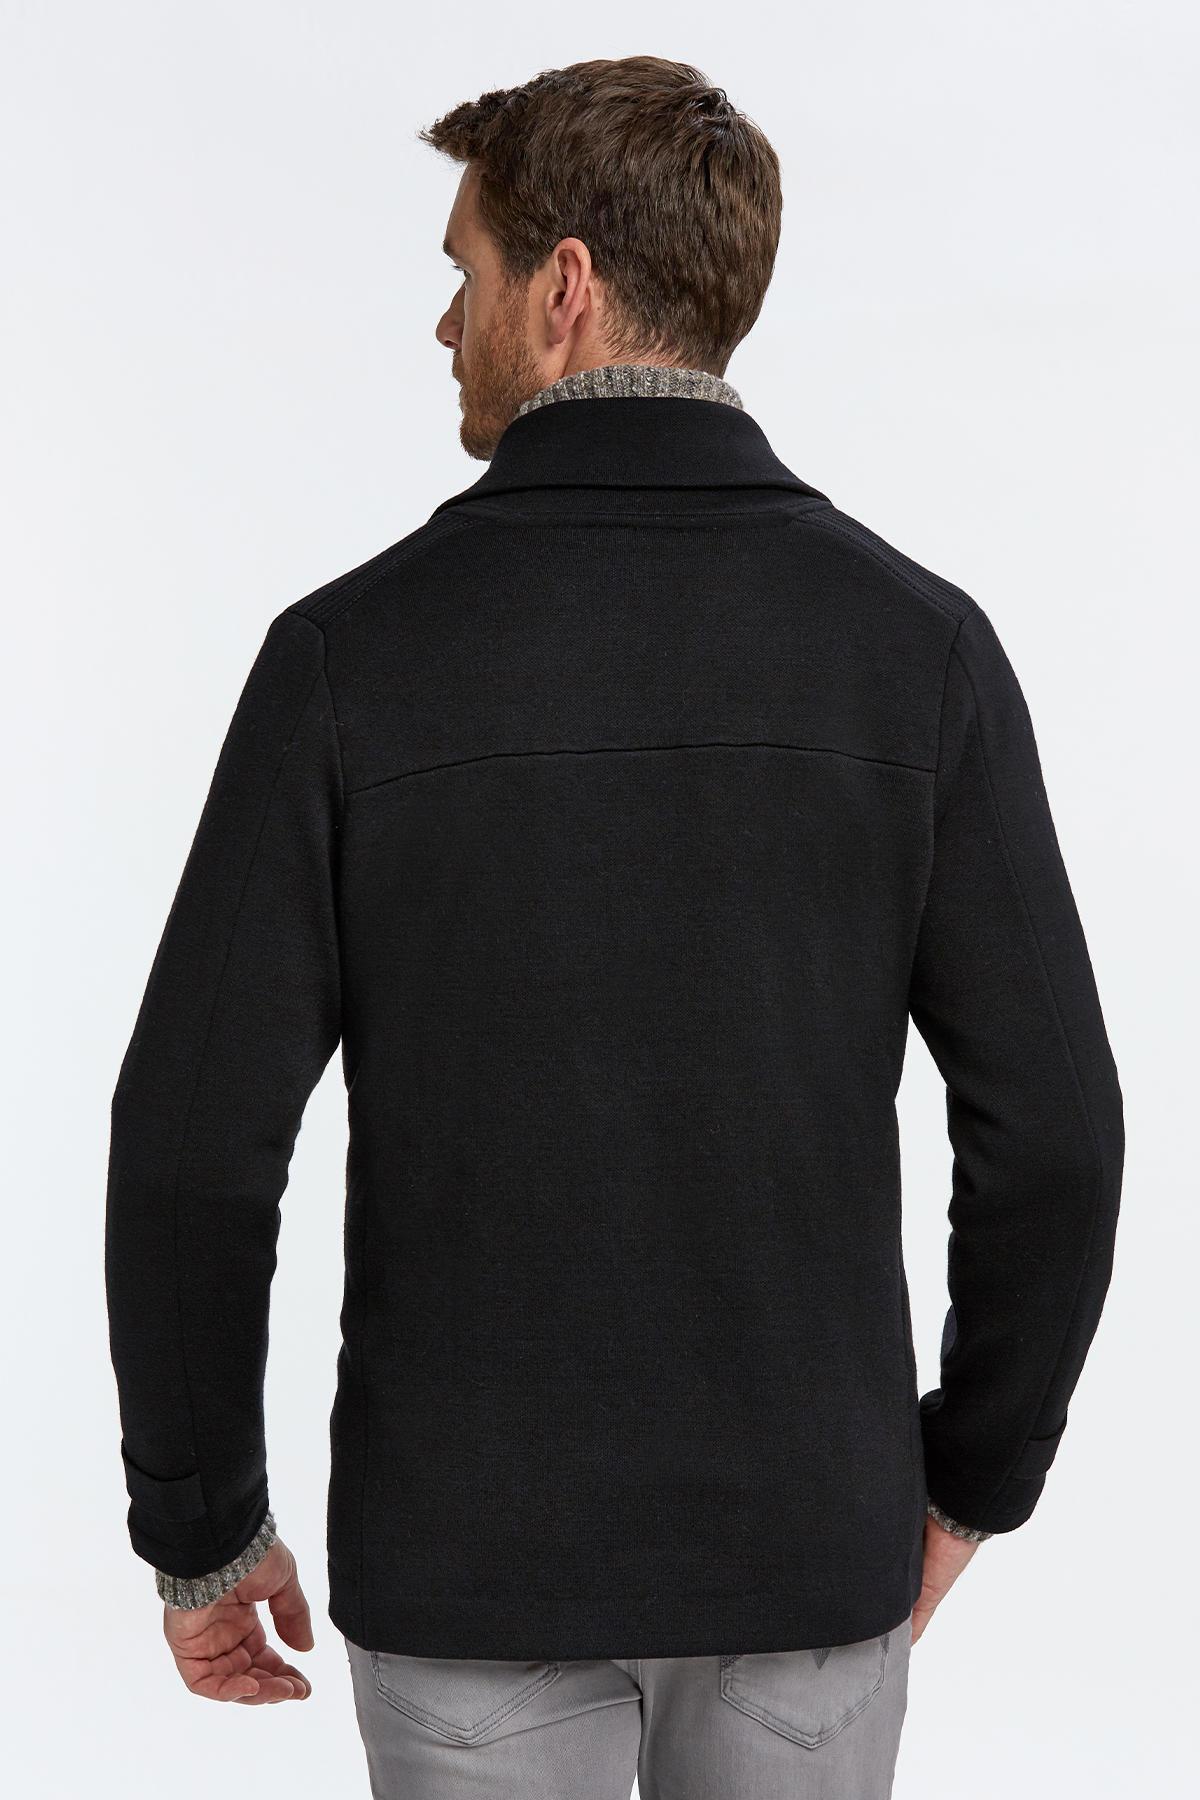 Extrafine Merino Siyah Kruvaze Triko Ceket